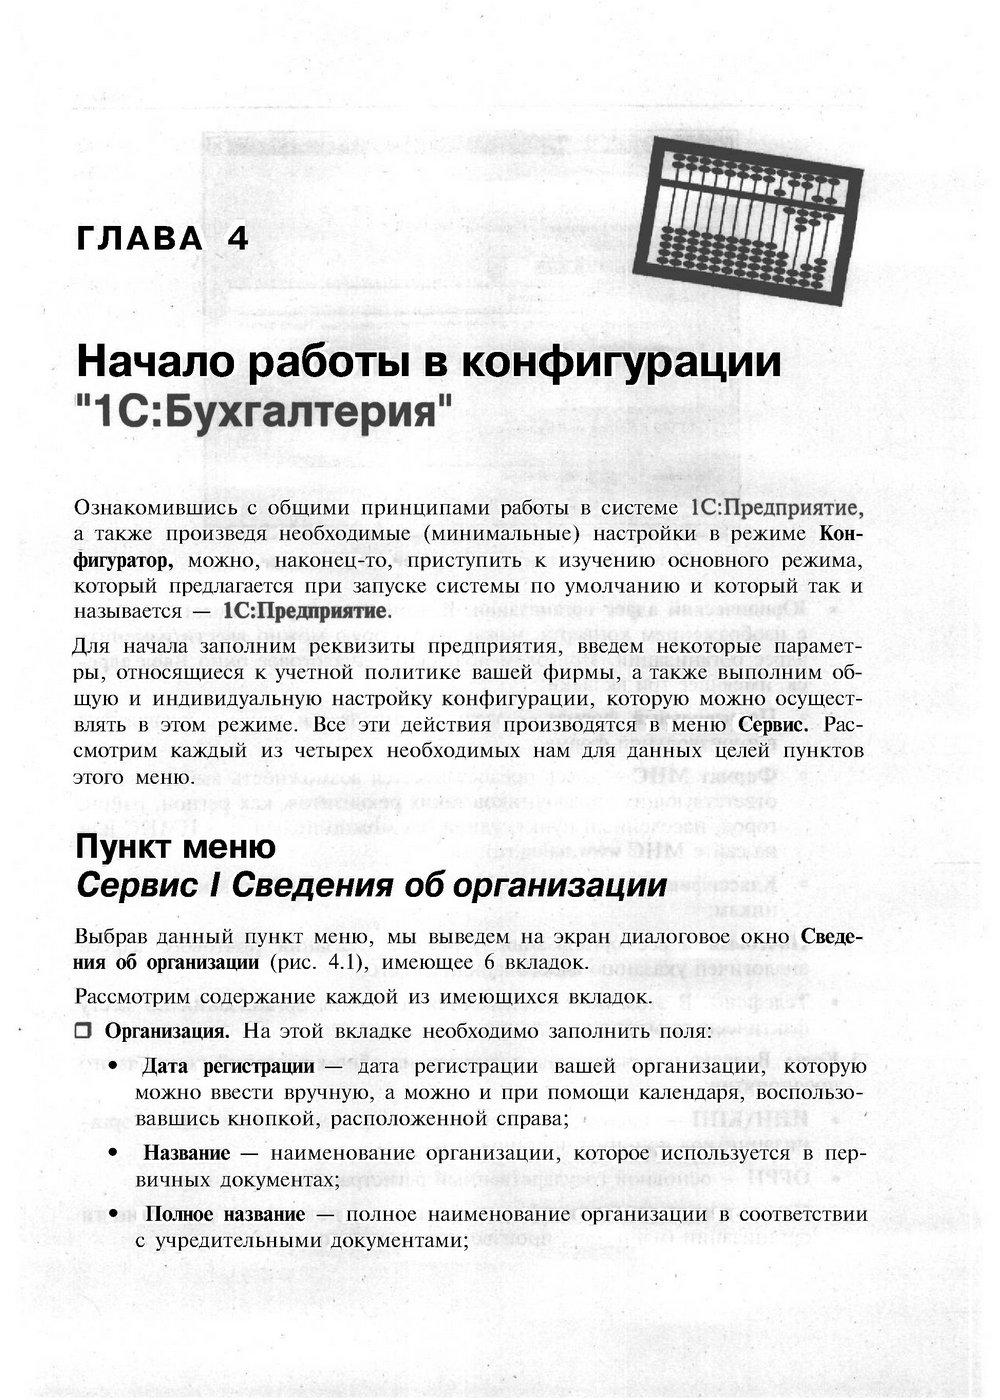 Анна федорова секреты женского оргазма скачать pdf